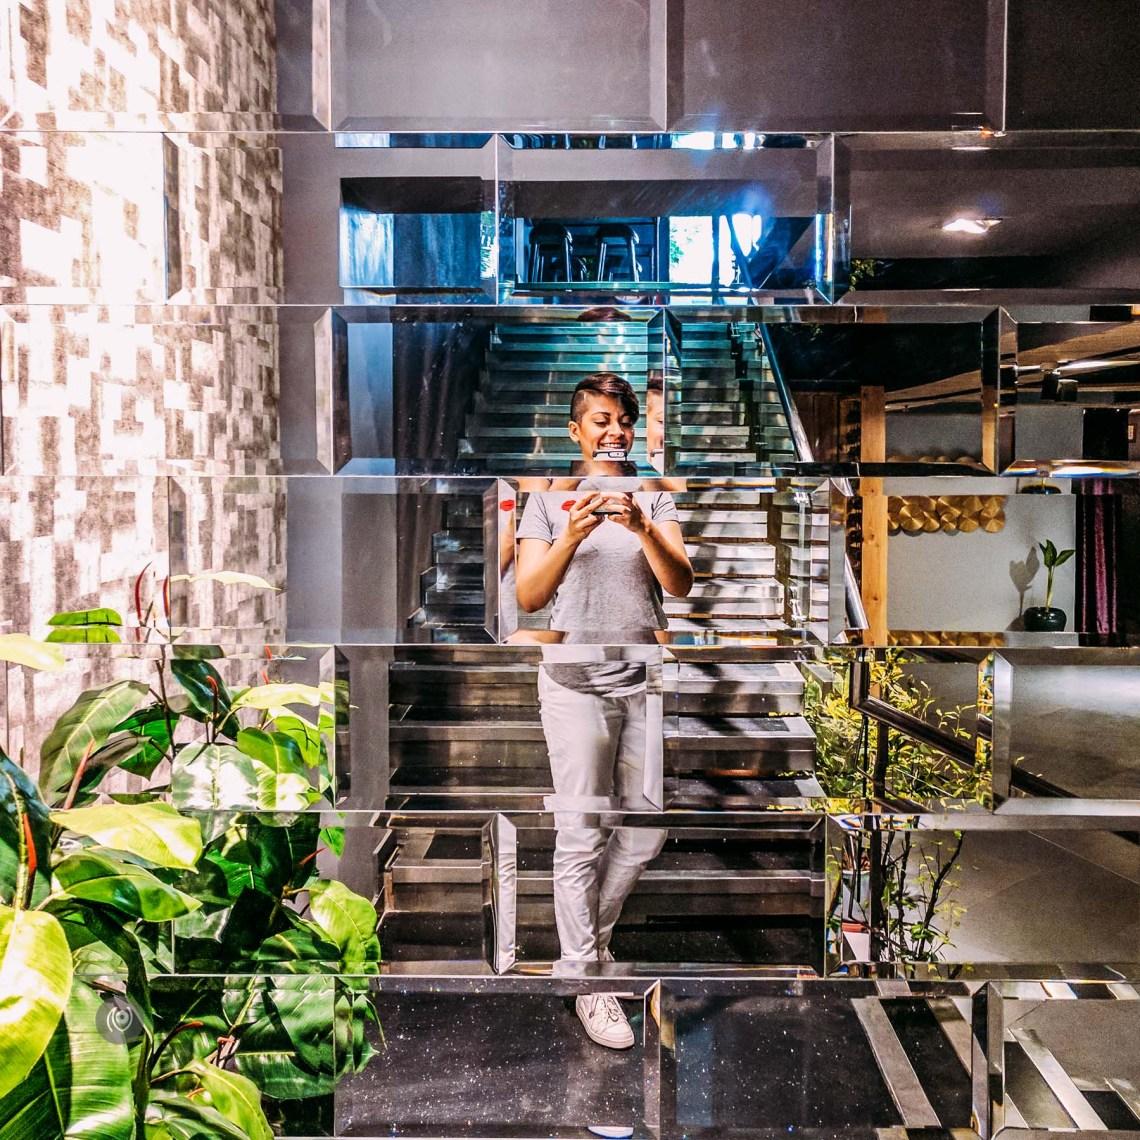 Experience Collector, Lifestyle, Lifestyle Blogger, Lifestyle Blogger India, Lifestyle Photographer India, Luxury Blogger, Luxury Blogger India, Luxury Brands, Luxury Photographer, Luxury Photographer India, Naina Redhu, Naina.co, Professional Photographer, Visual Storyteller, Visual Storyteller for Luxury Brands, Influencer, Luxury Influencer, Lifestyle Influencer, Photography Influencer, Brand Storyteller, Visual Storyteller, Nagai, Nagai Restaurant, Chef Reina Nagai, Sector 29, Gurgaon, Japanese Cuisine, Japanese Restaurant, #EyesForDining, Food, Dining